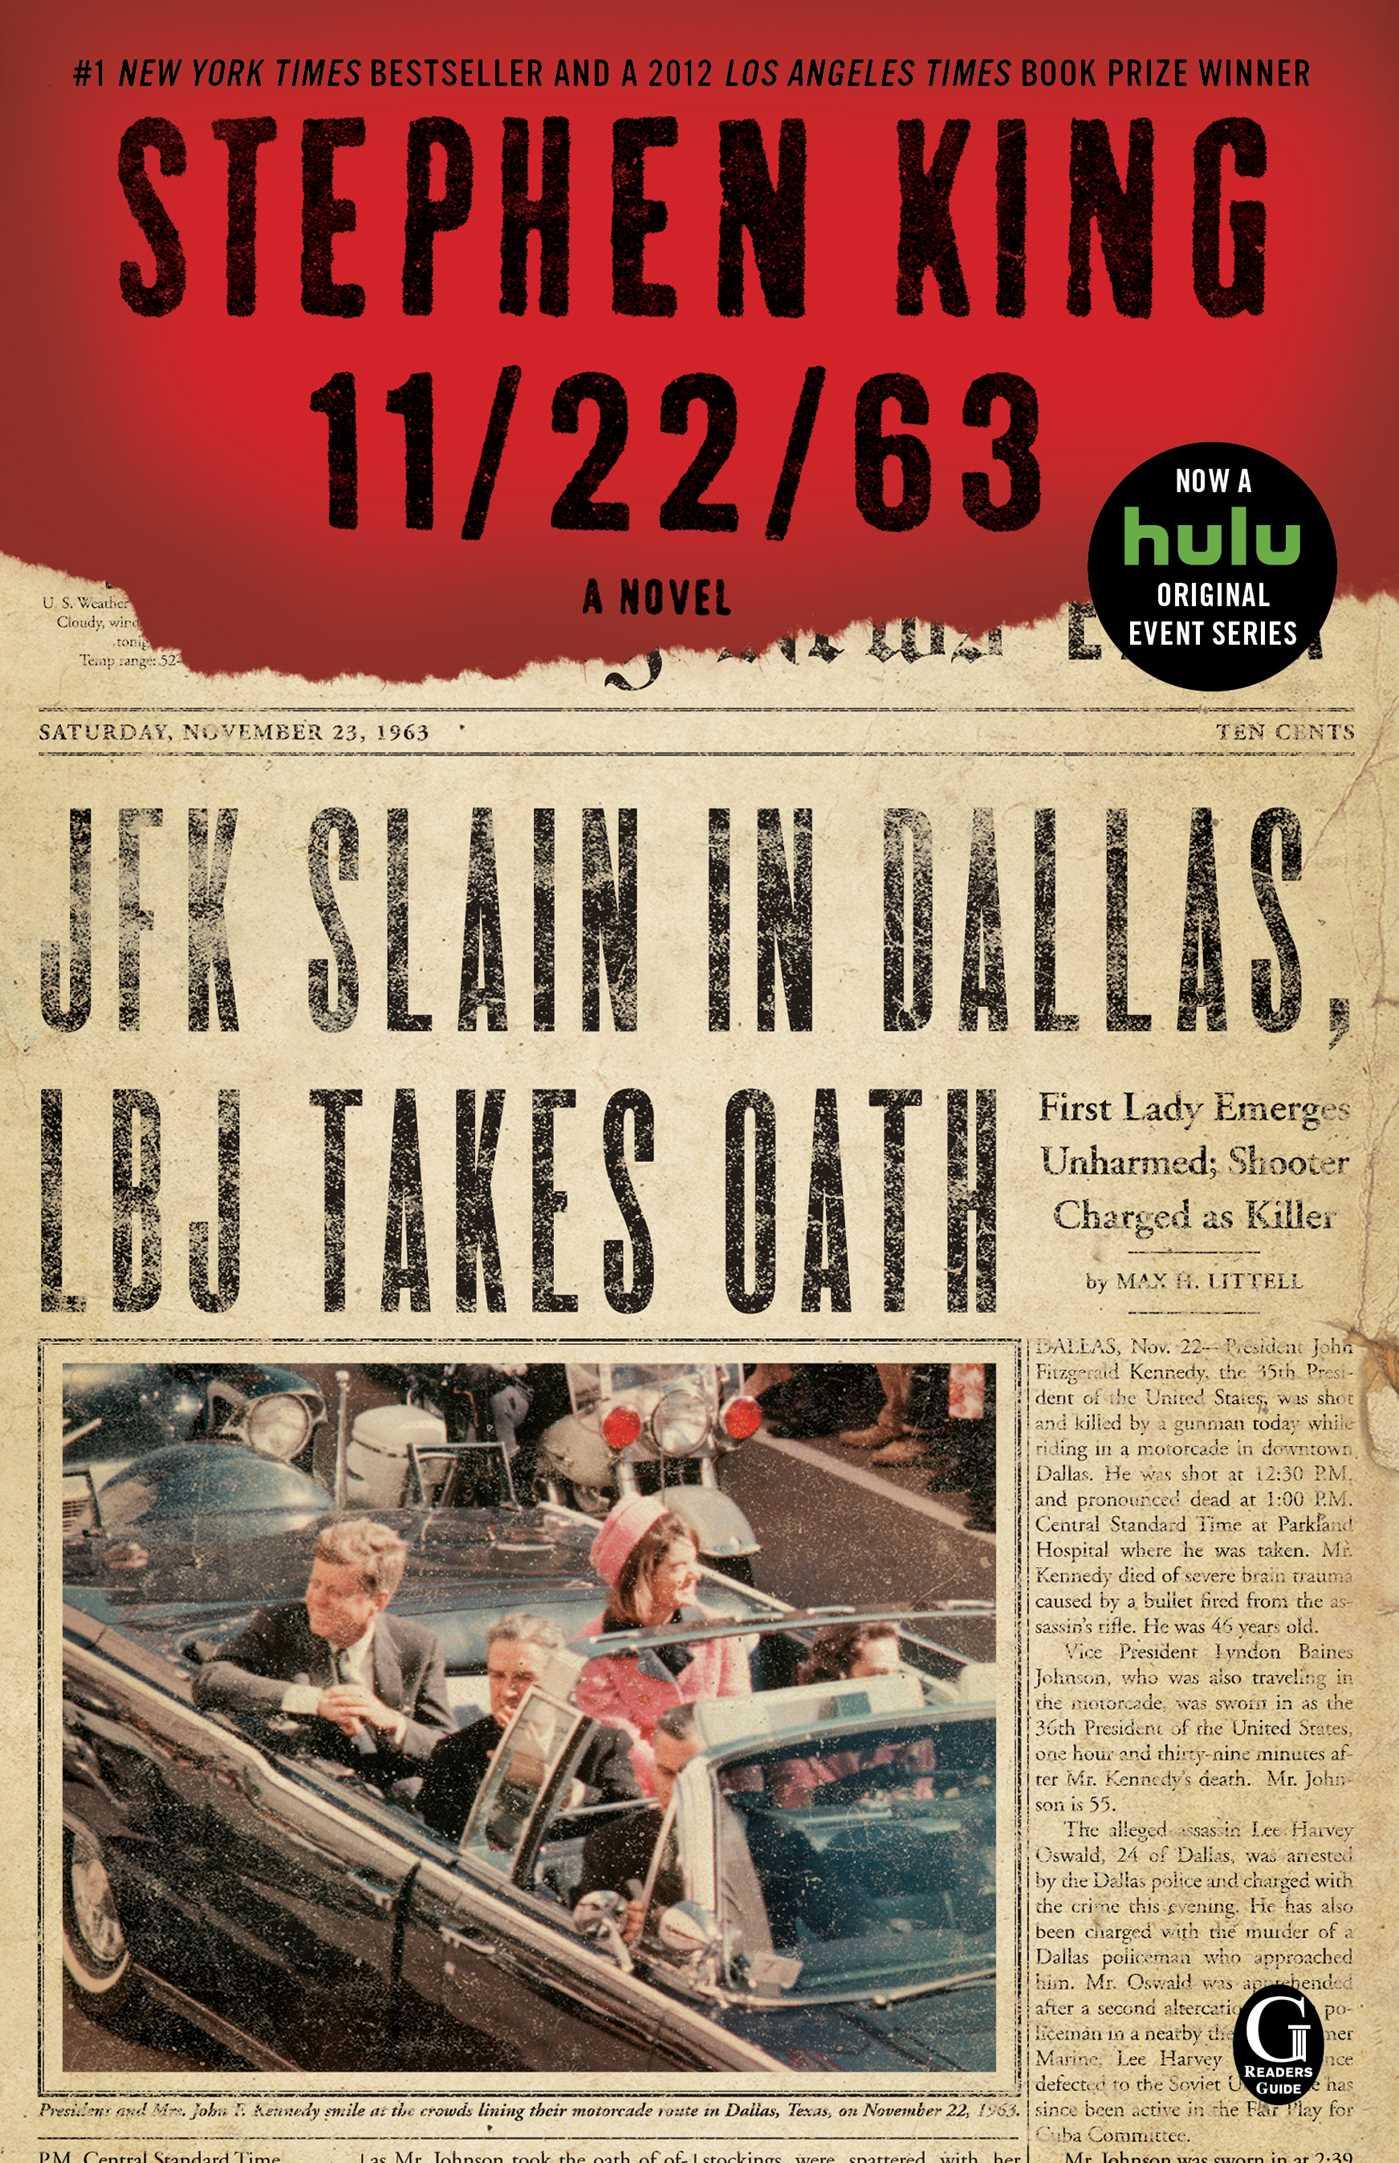 11/22/63 A Novel